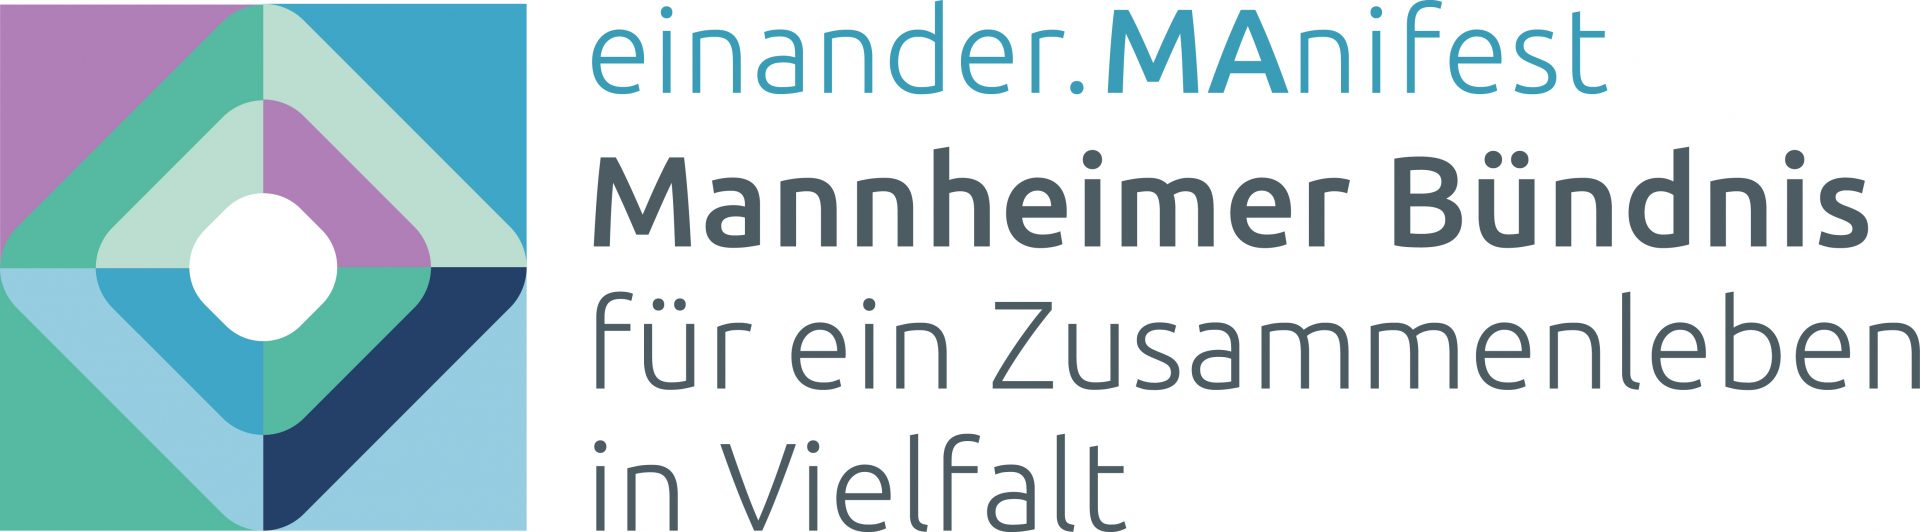 einanderManifest_Logo_Tuerkis